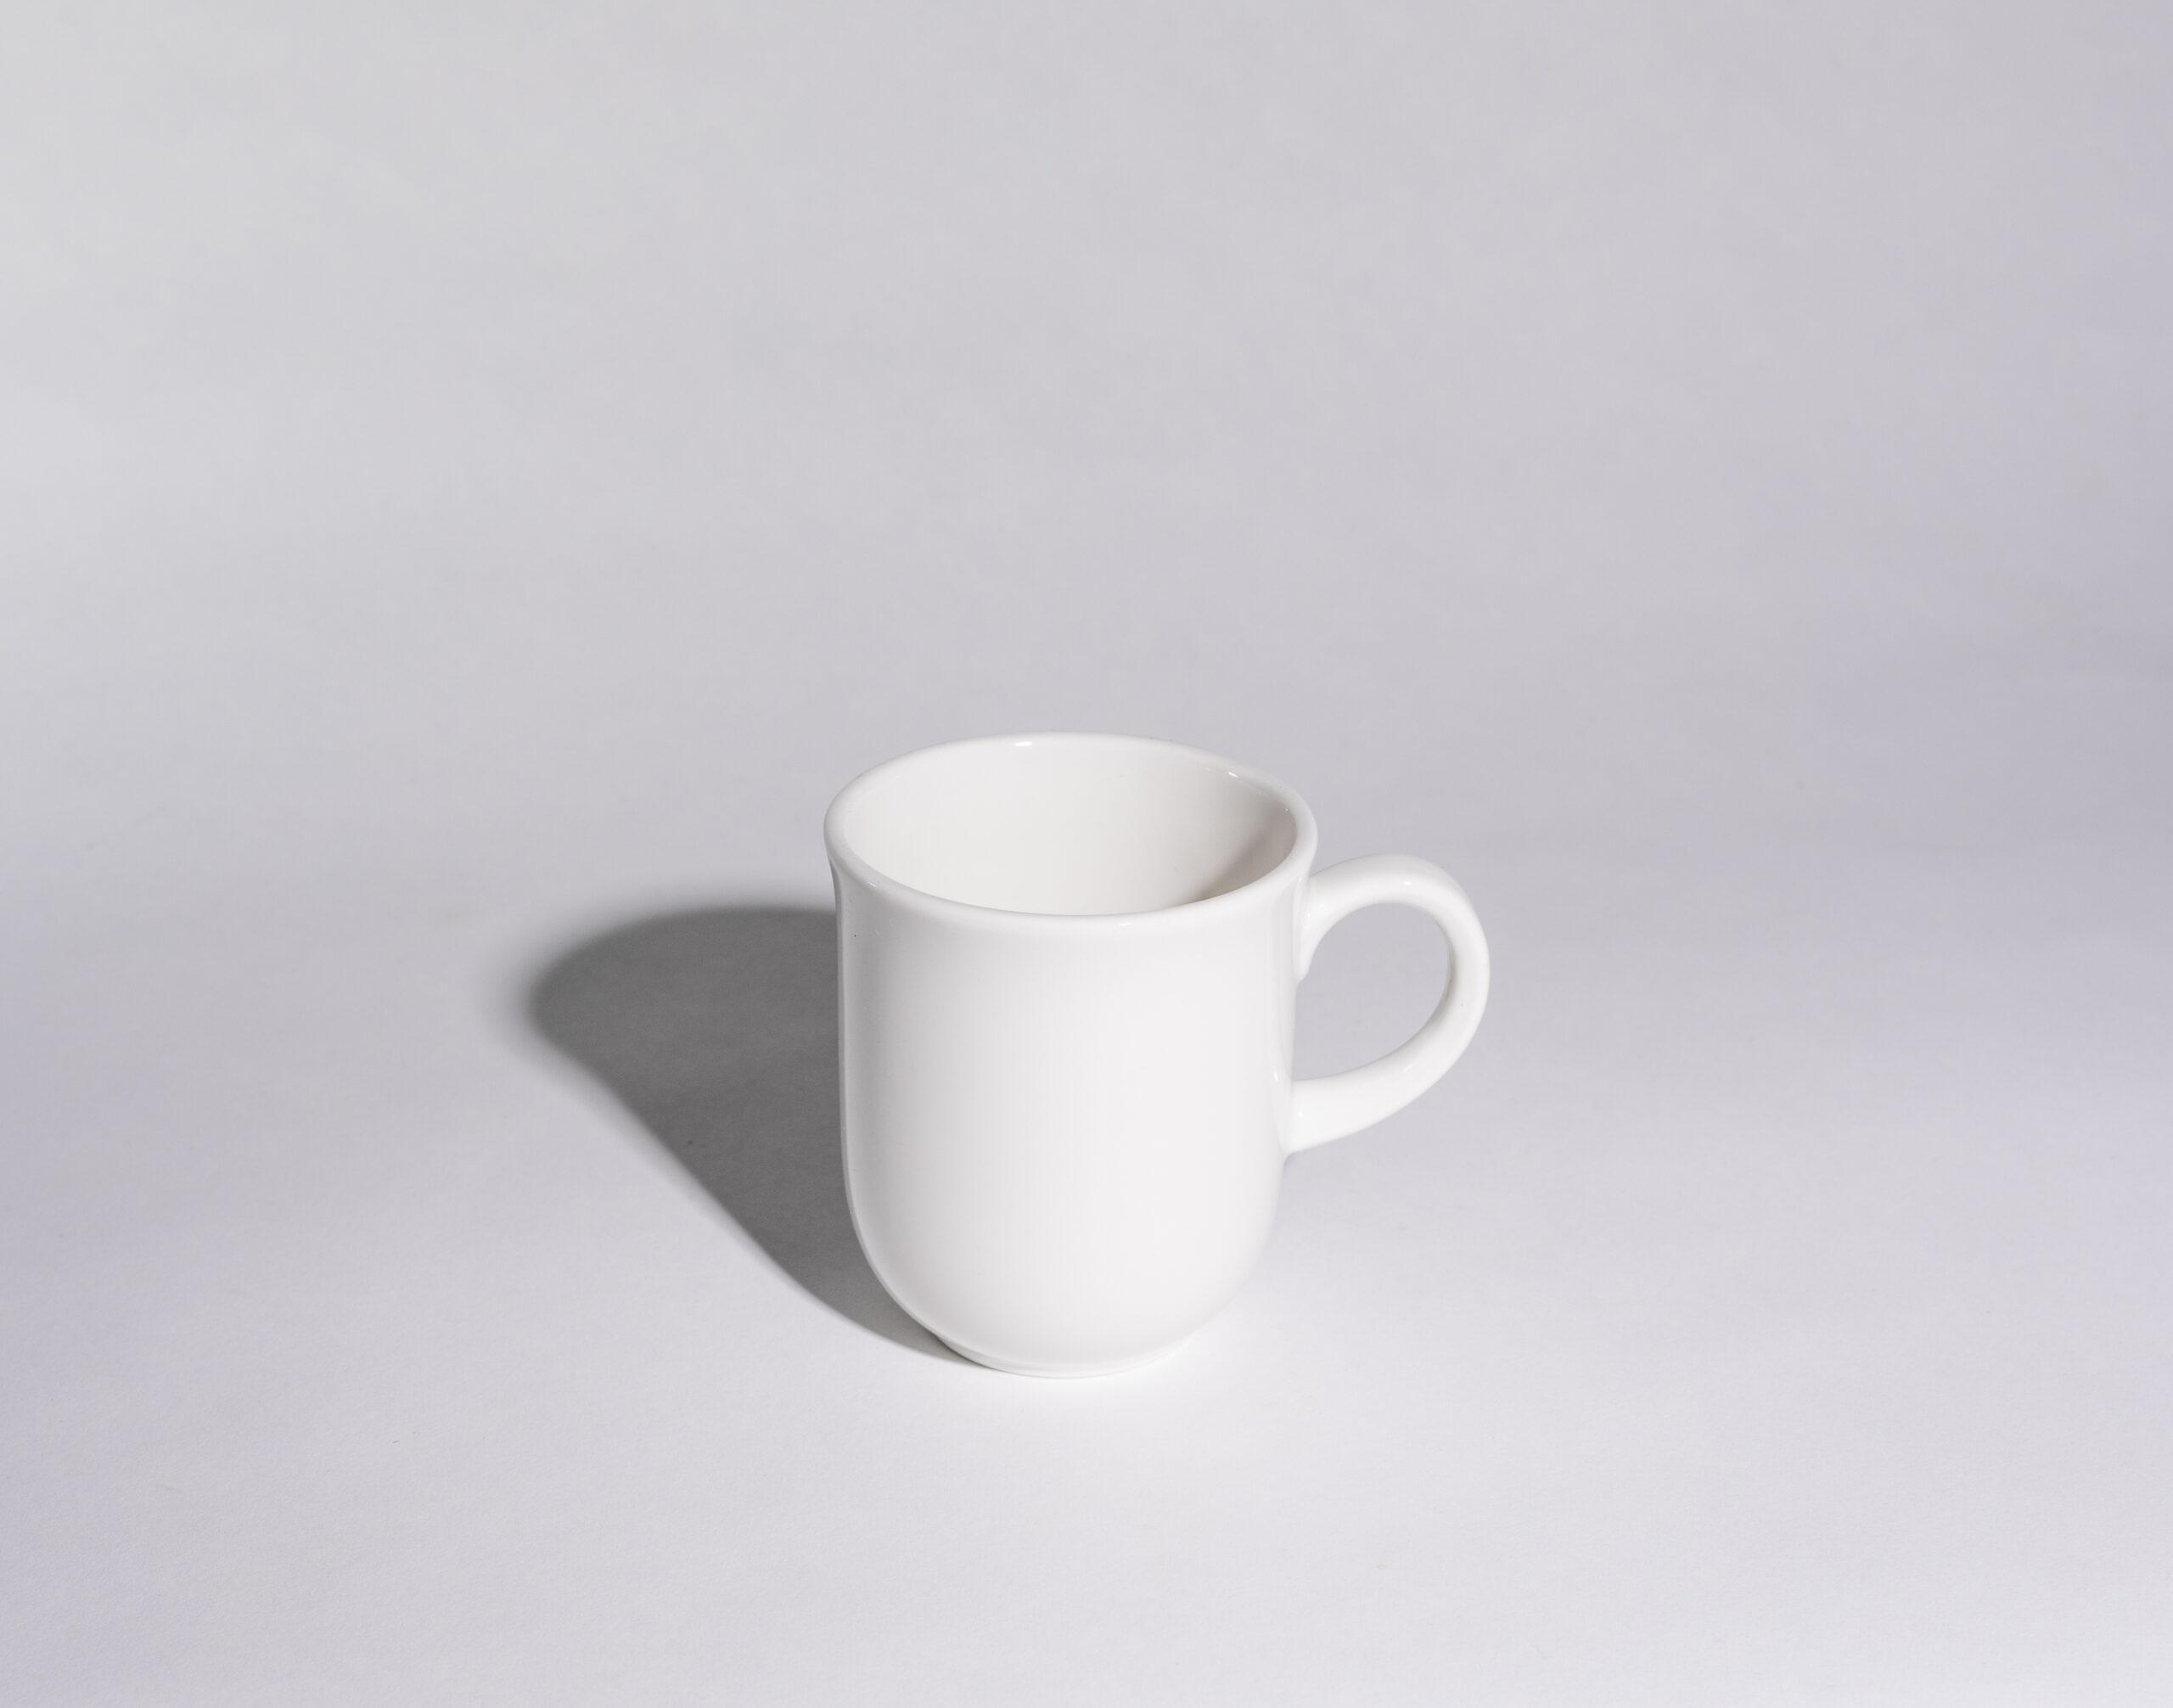 Coffee mugs (10oz)